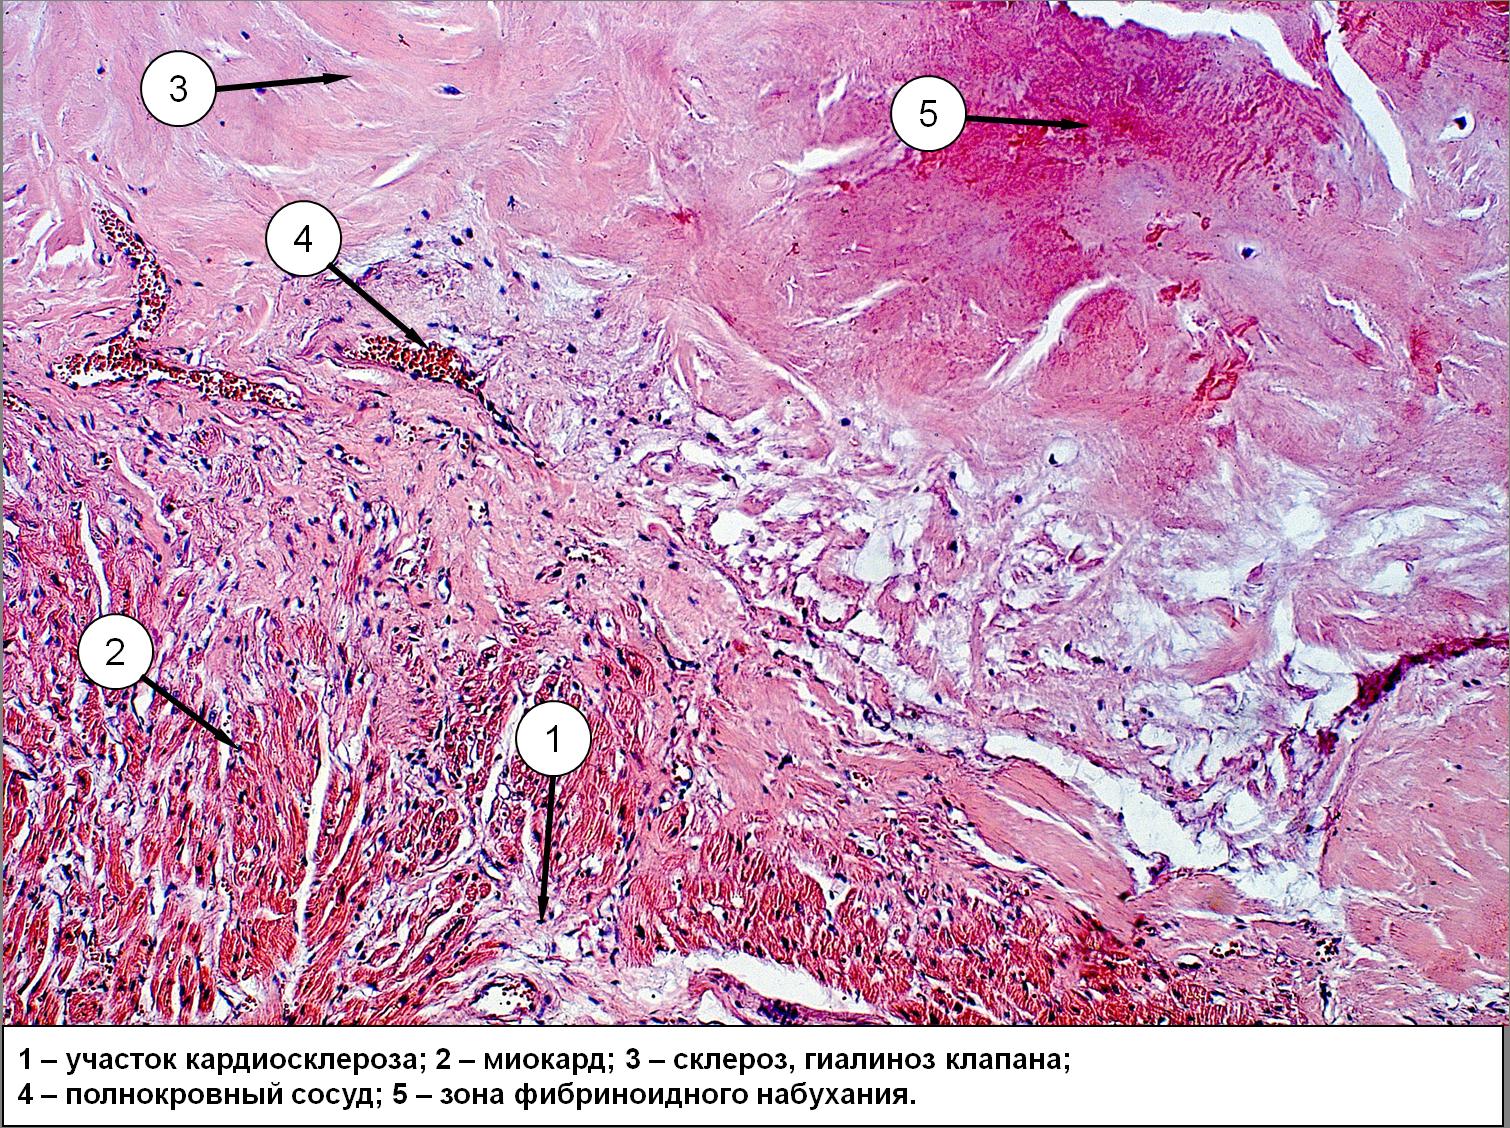 Фибринокиназа